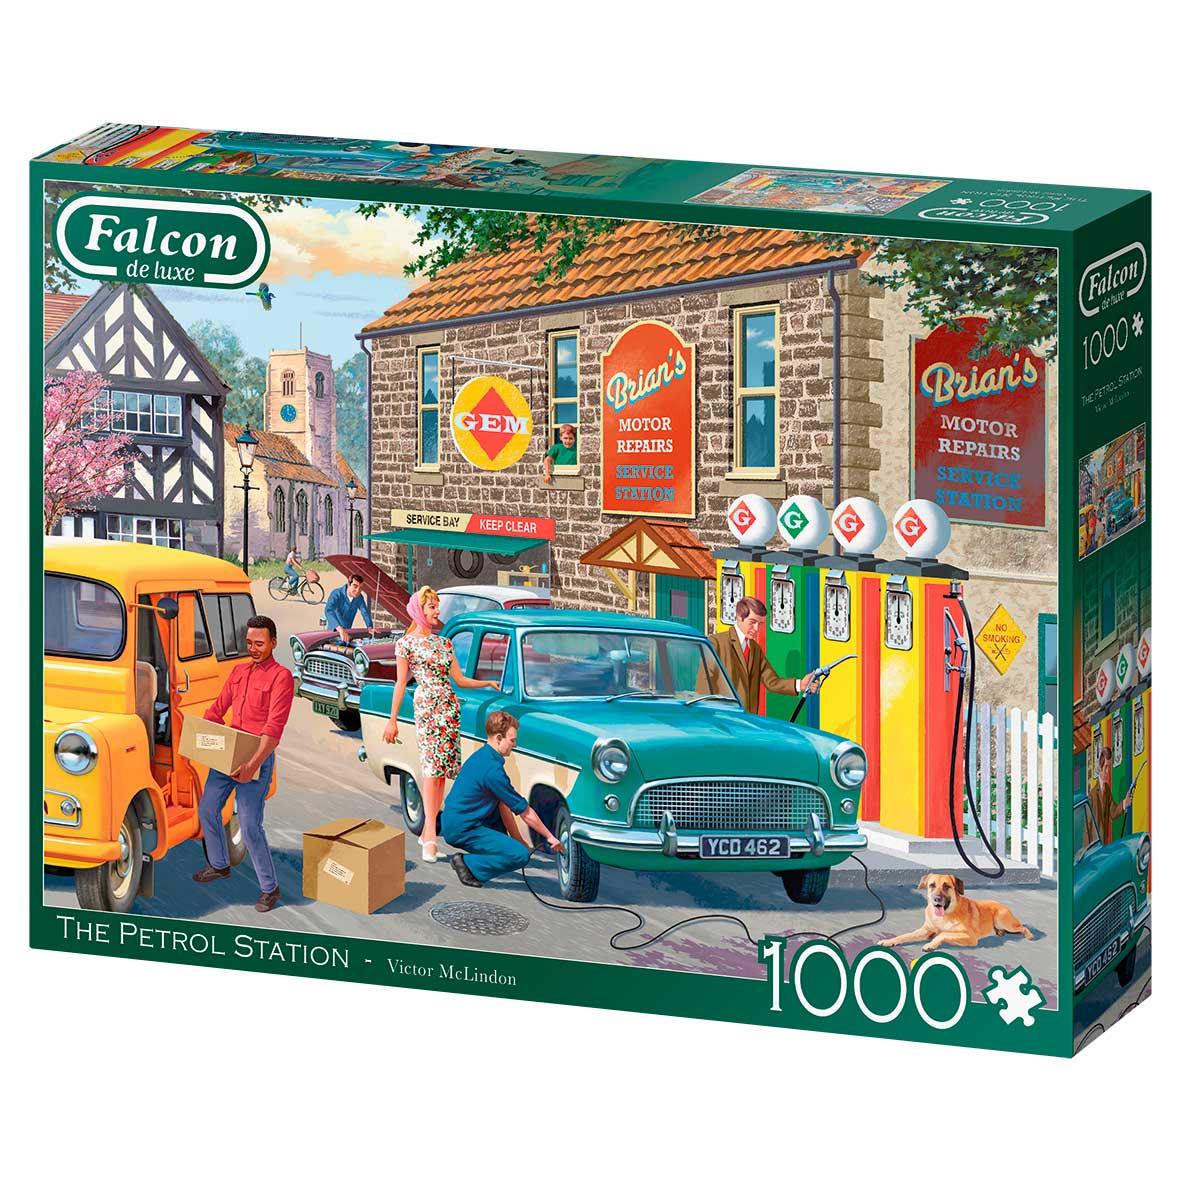 Puzzle Falcon La Estación de Servicio de 1000 Piezas